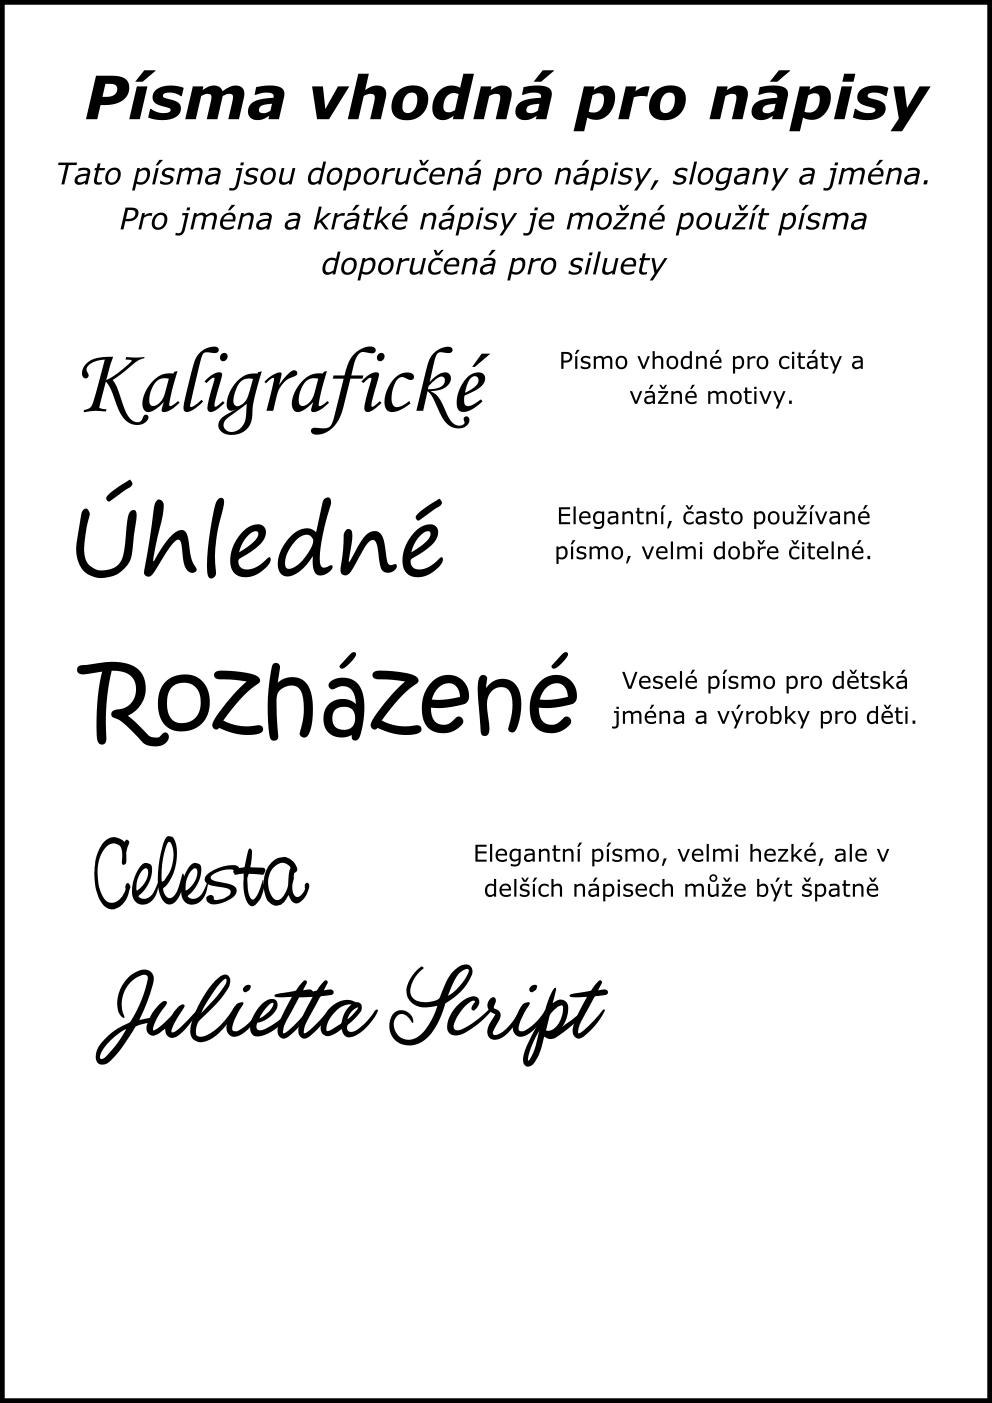 Písma vhodná pro nápisy